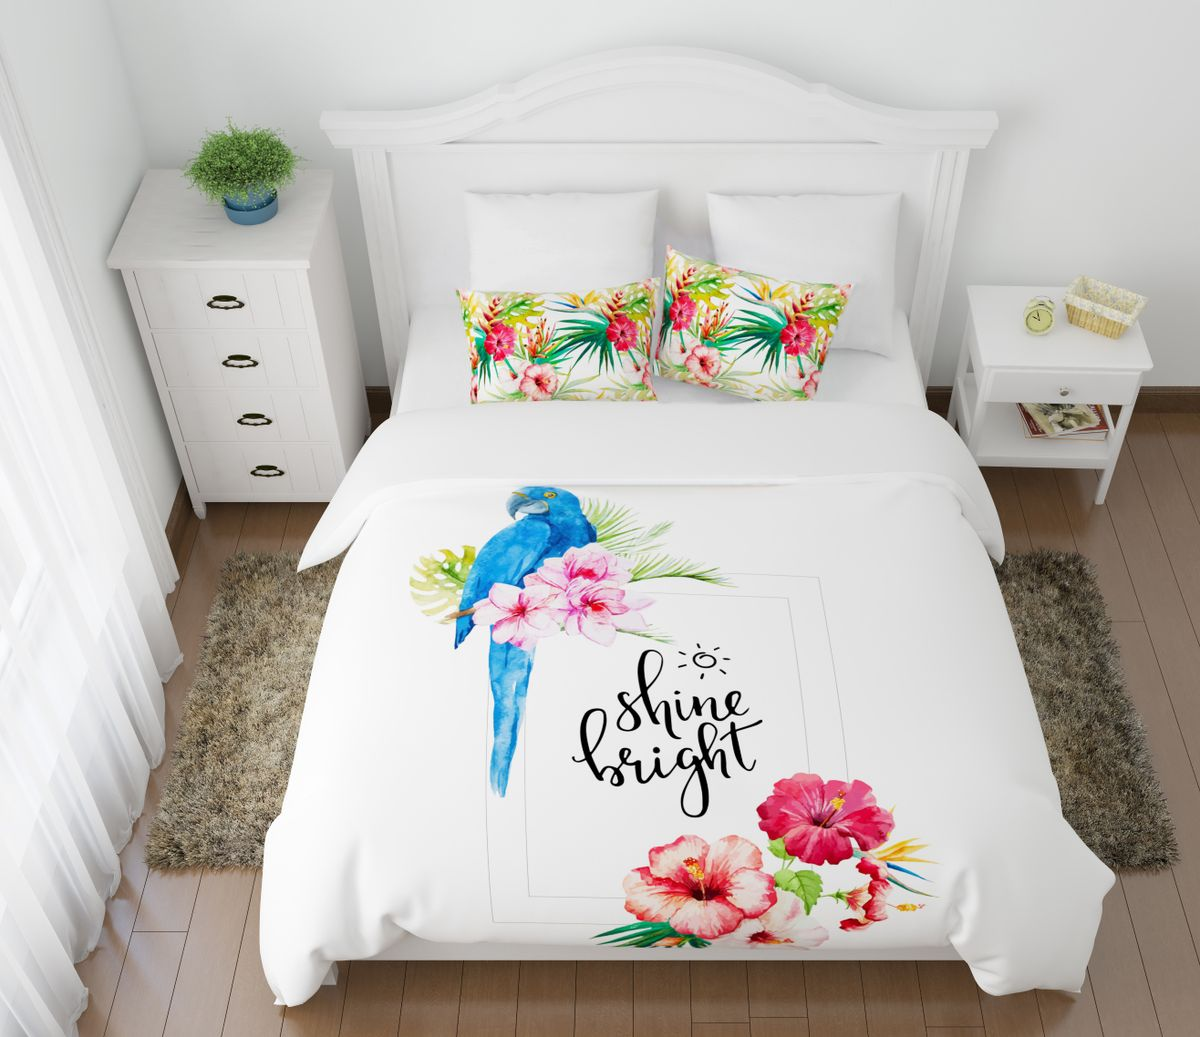 Комплект белья Сирень Голубой попугай, 2-спальный, наволочки 50х705078Комплект постельного белья Сирень выполнен из прочной и мягкой ткани. Четкий и стильный рисунок в сочетании с насыщенными красками делают комплект постельного белья неповторимой изюминкой любого интерьера.Постельное белье идеально подойдет для подарка. Идеальное соотношение смешенной ткани и гипоаллергенных красок - это гарантия здорового, спокойного сна. Ткань хорошо впитывает влагу, надолго сохраняет яркость красок.В комплект входят: простынь, пододеяльник, две наволочки. Постельное белье легко стирать при 30-40°С, гладить при 150°С, не отбеливать. Рекомендуется перед первым использованием постирать.УВАЖАЕМЫЕ КЛИЕНТЫ! Обращаем ваше внимание, что цвет простыни, пододеяльника, наволочки в комплектации может немного отличаться от представленного на фото.